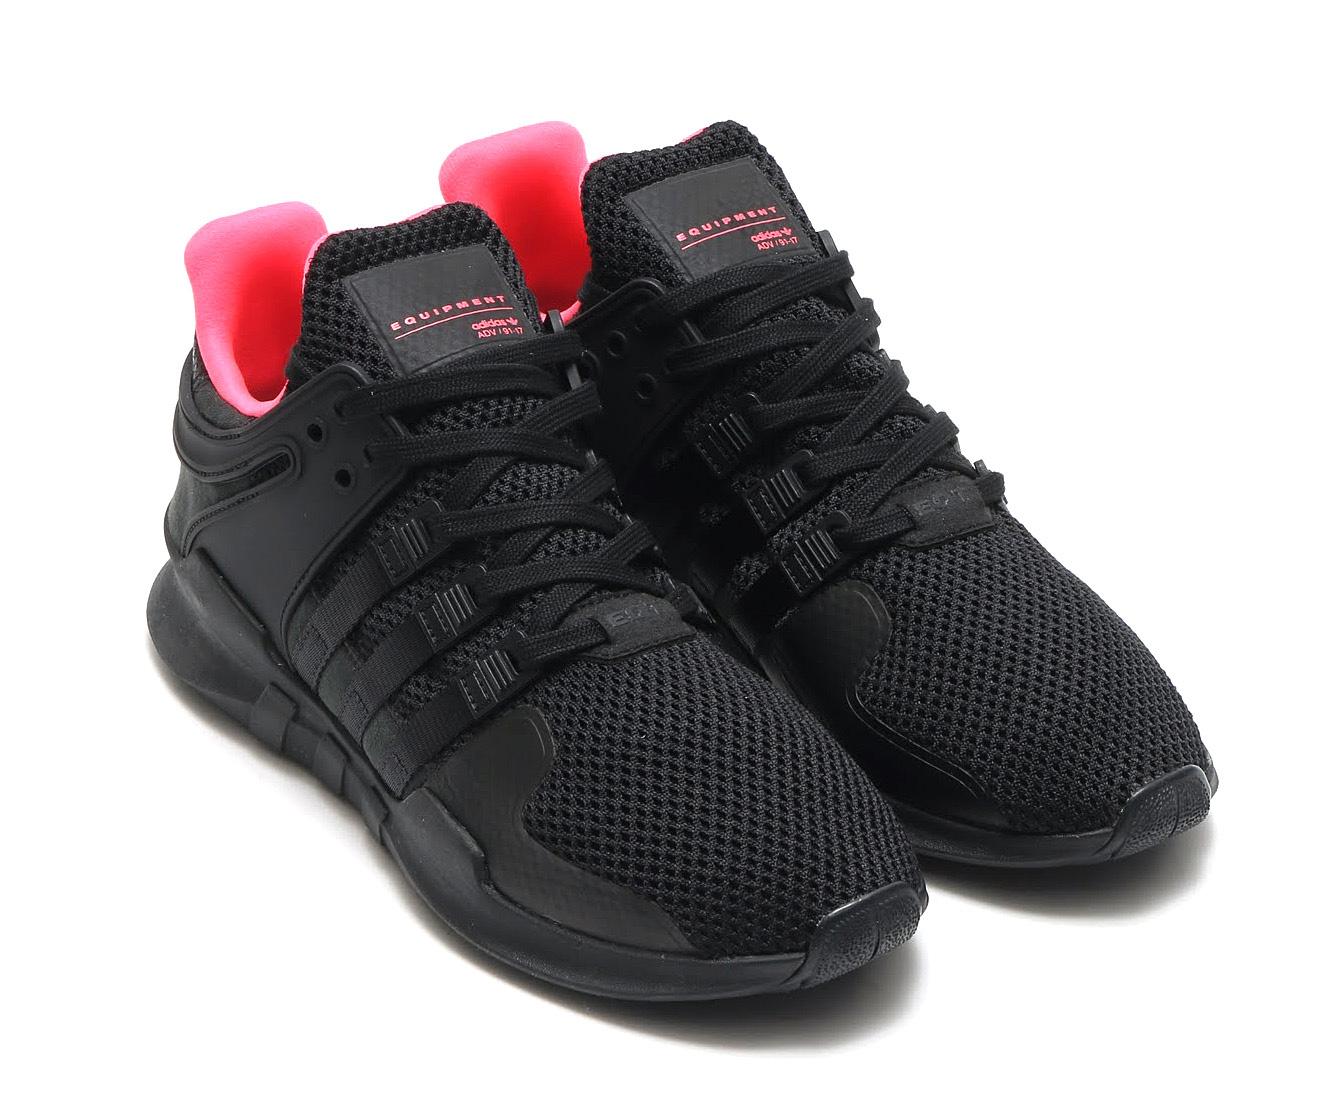 adidas Originals EQT SUPPORTADV(アディダス オリジナルス エキップメント サポート) (Core Black/Core Black/Turbo) 【メンズサイズ】17SS-I